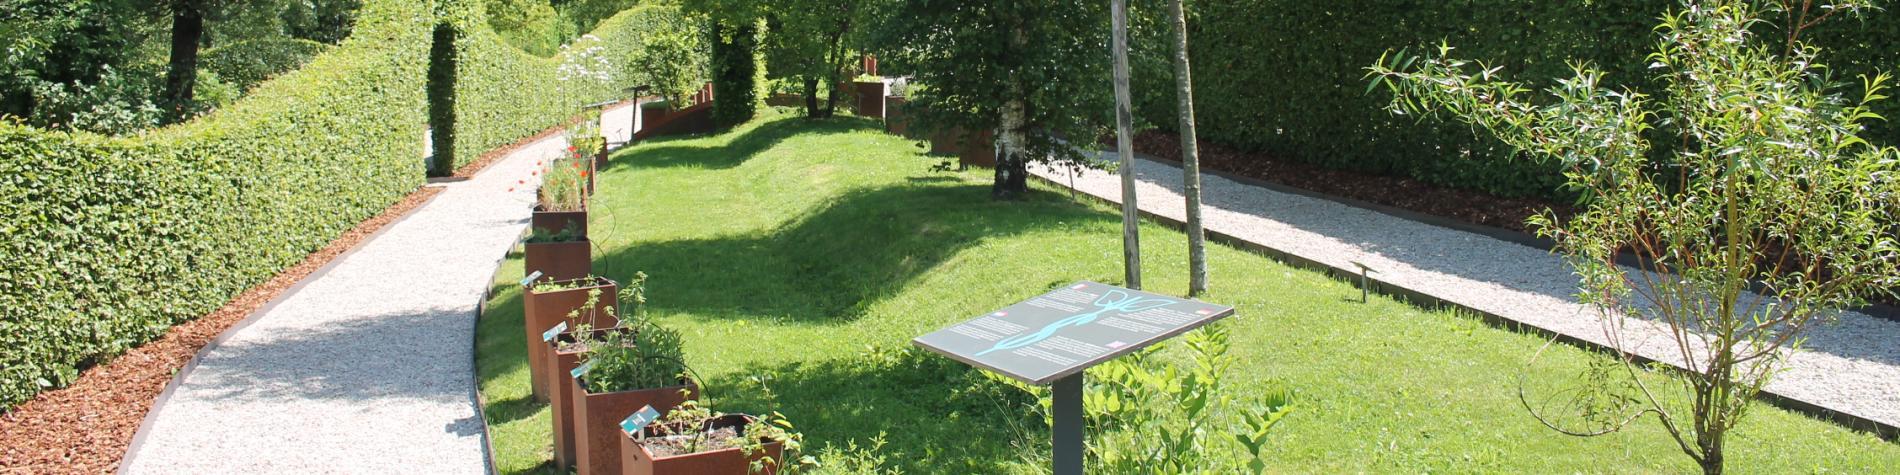 Découvrez Herba Sana, jardin des plantes médicinales à visiter, Elsenborn